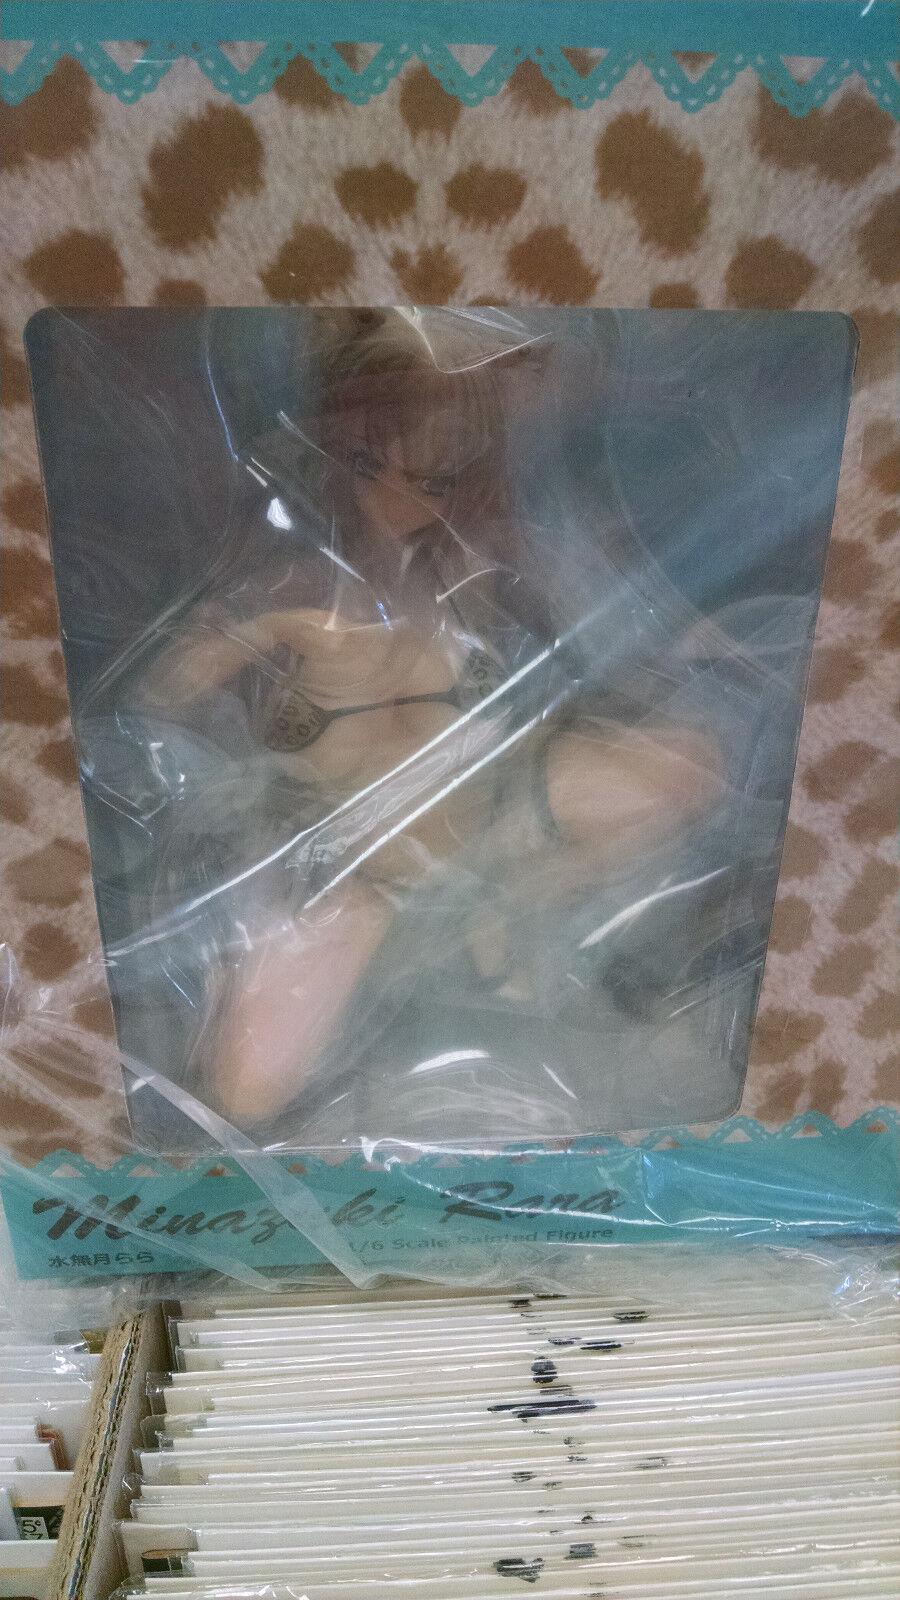 Q seis personaje original rara Minazuki 1 6 PVC figura menta en caja sellada auténtico Japón